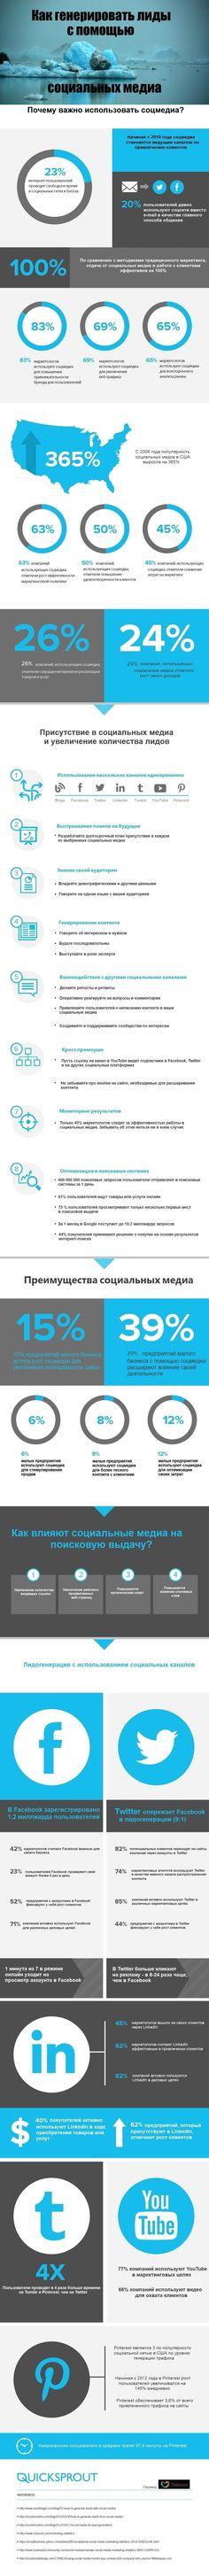 #Инфографика #ИноМедиа Сооснователь KISSmetrics и CrazyEgg Нейл Патель даёт советы по выходу использованию социального медиа для увеличения трафика на сайт компании и напоминает, почему необходимо использовать социальные медиа в маркетинговых целях.